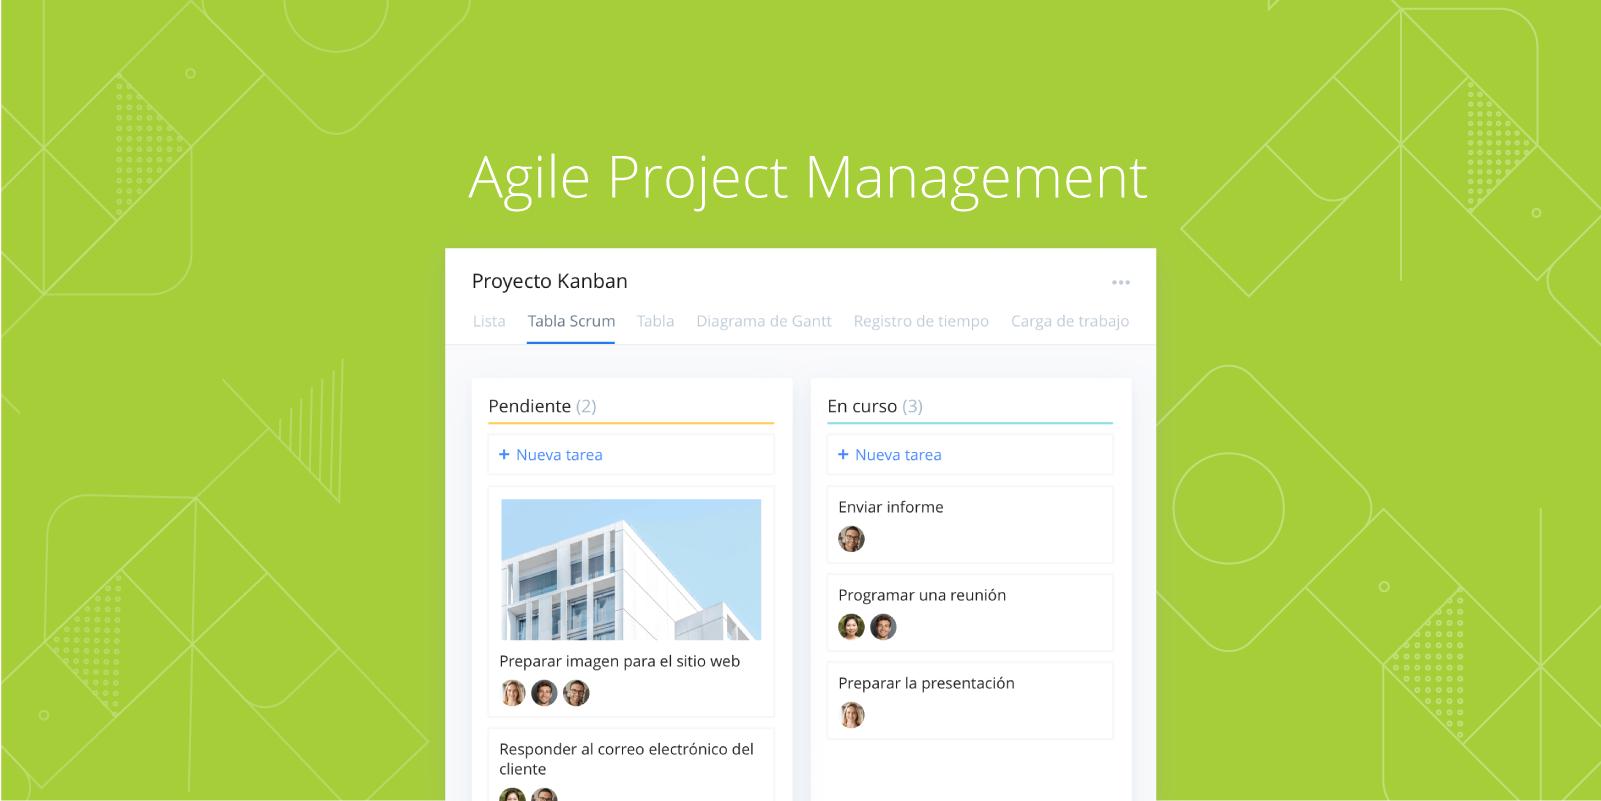 Cómo utilizar metodologías ágiles para optimizar la colaboración de tu equipo